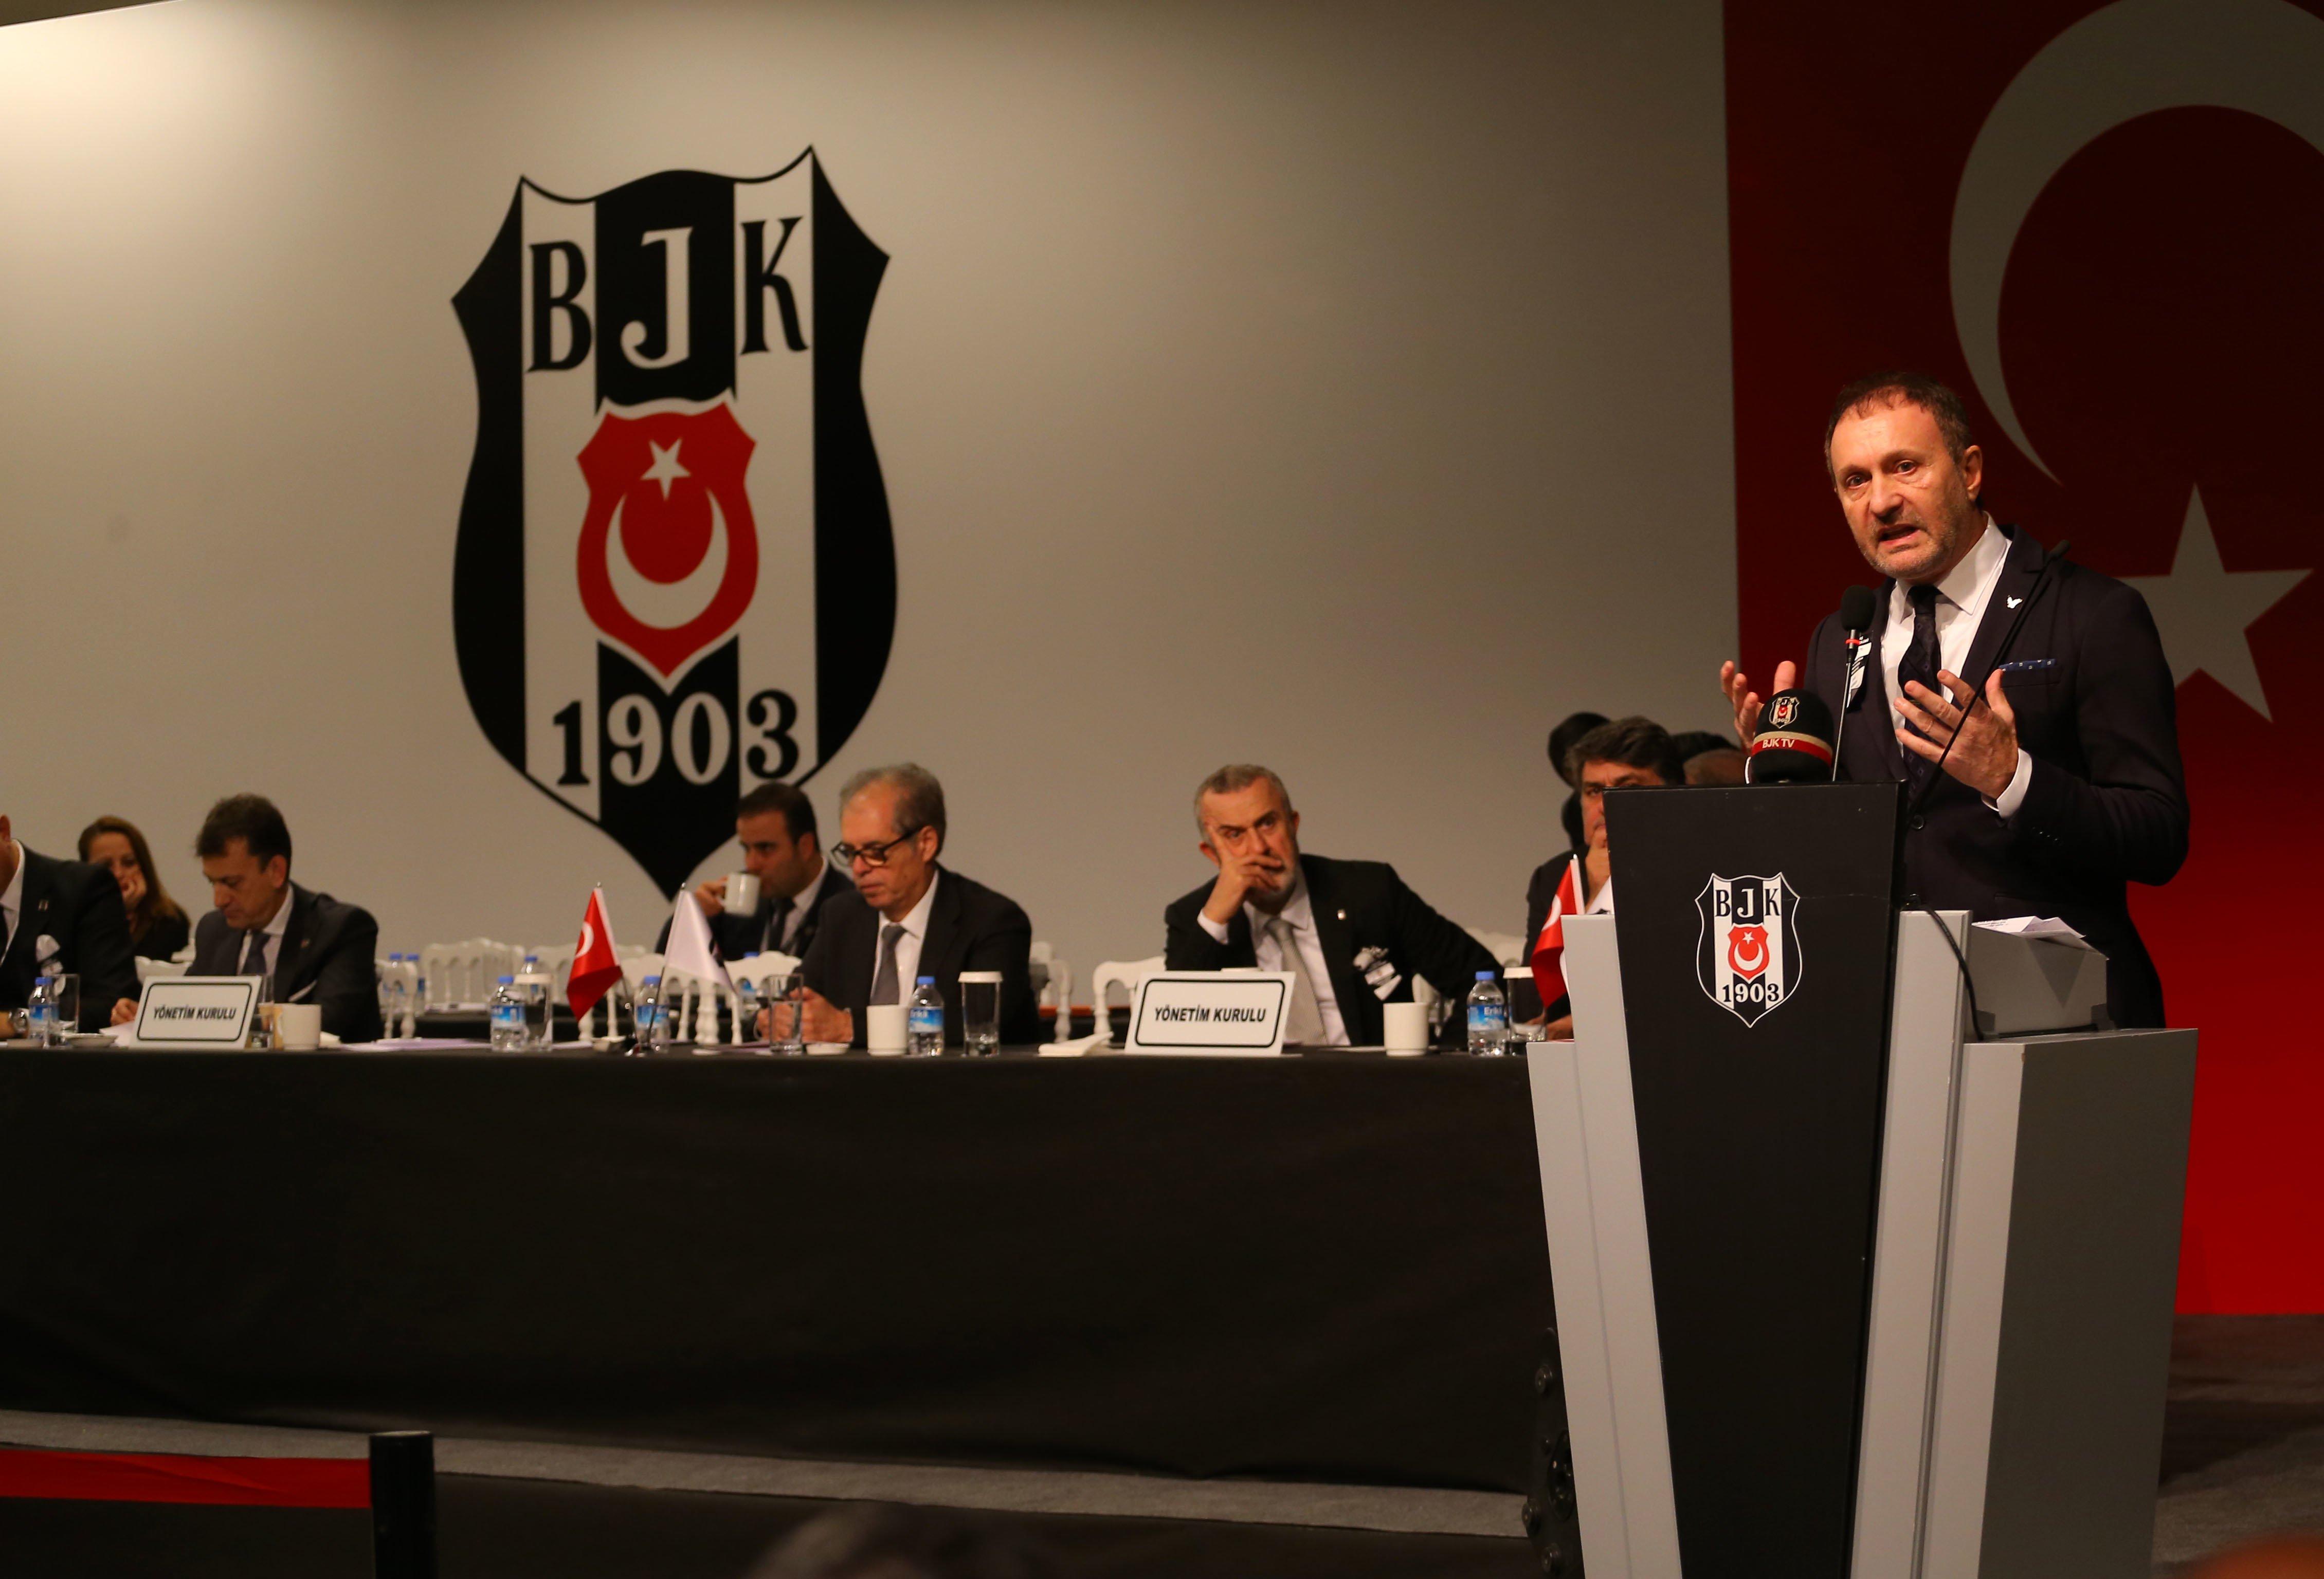 Hürser Tekinoktay Beşiktaş divan kurulu toplantısında konuştu